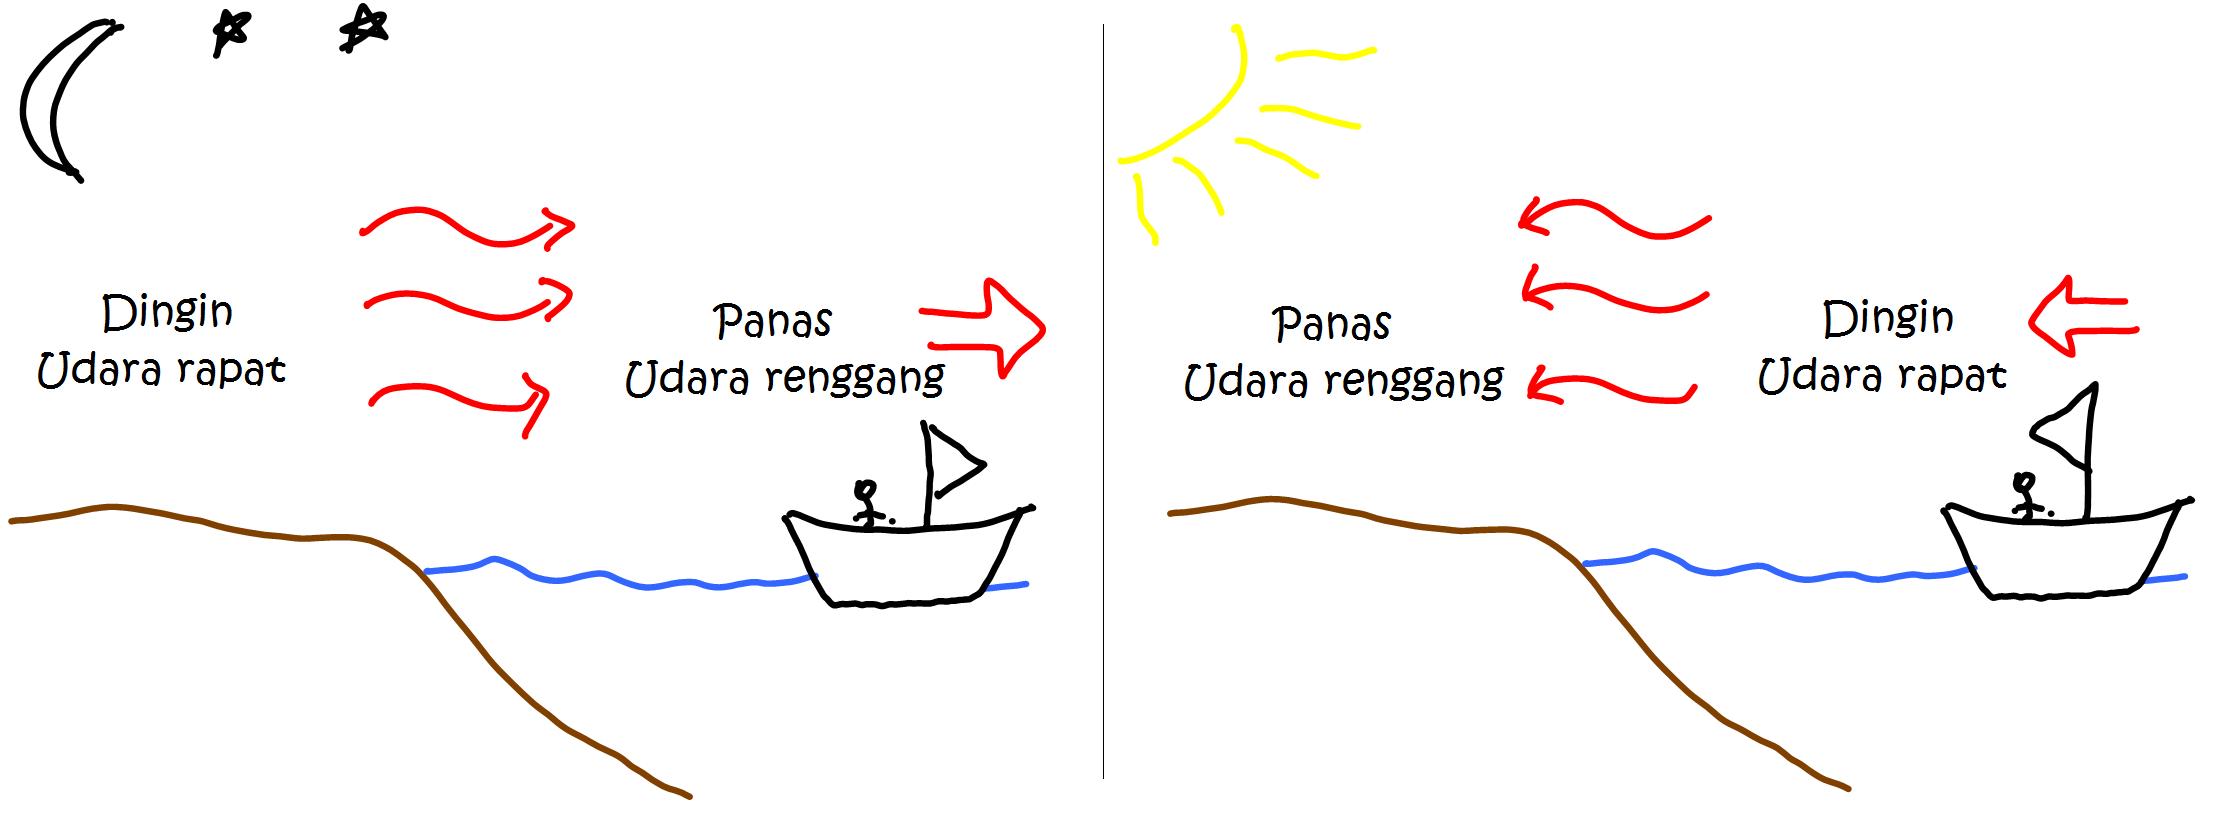 Cara Kerja Energi Angin - Rajiman